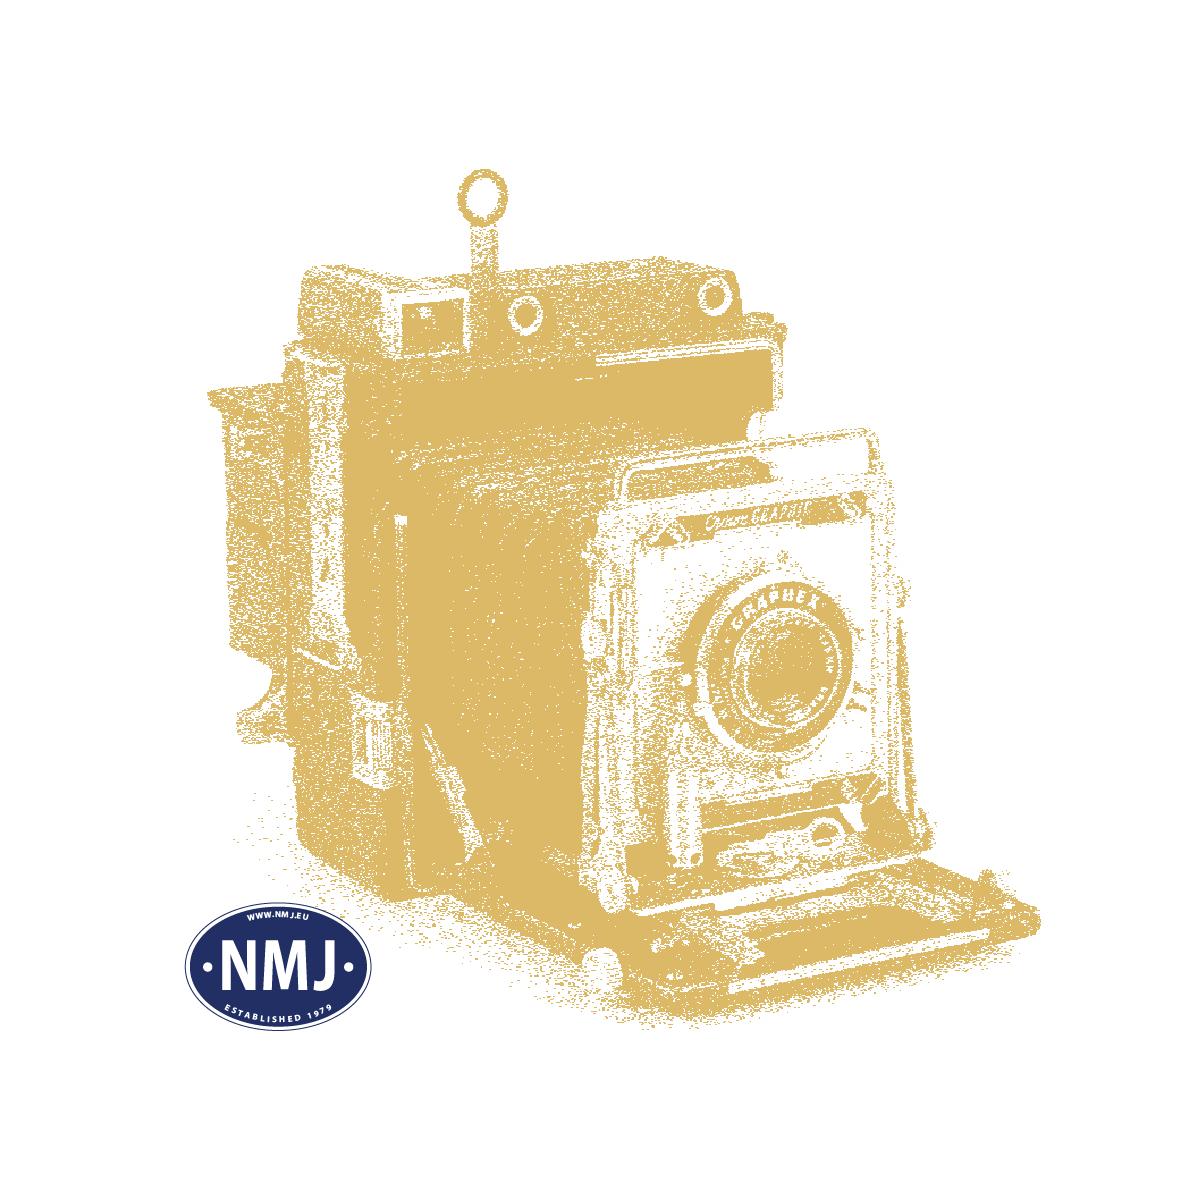 NMJT204.003 - NMJ Topline Bo1K.4920, 2 Kl Personenwagen der SJ, altes SJ logo